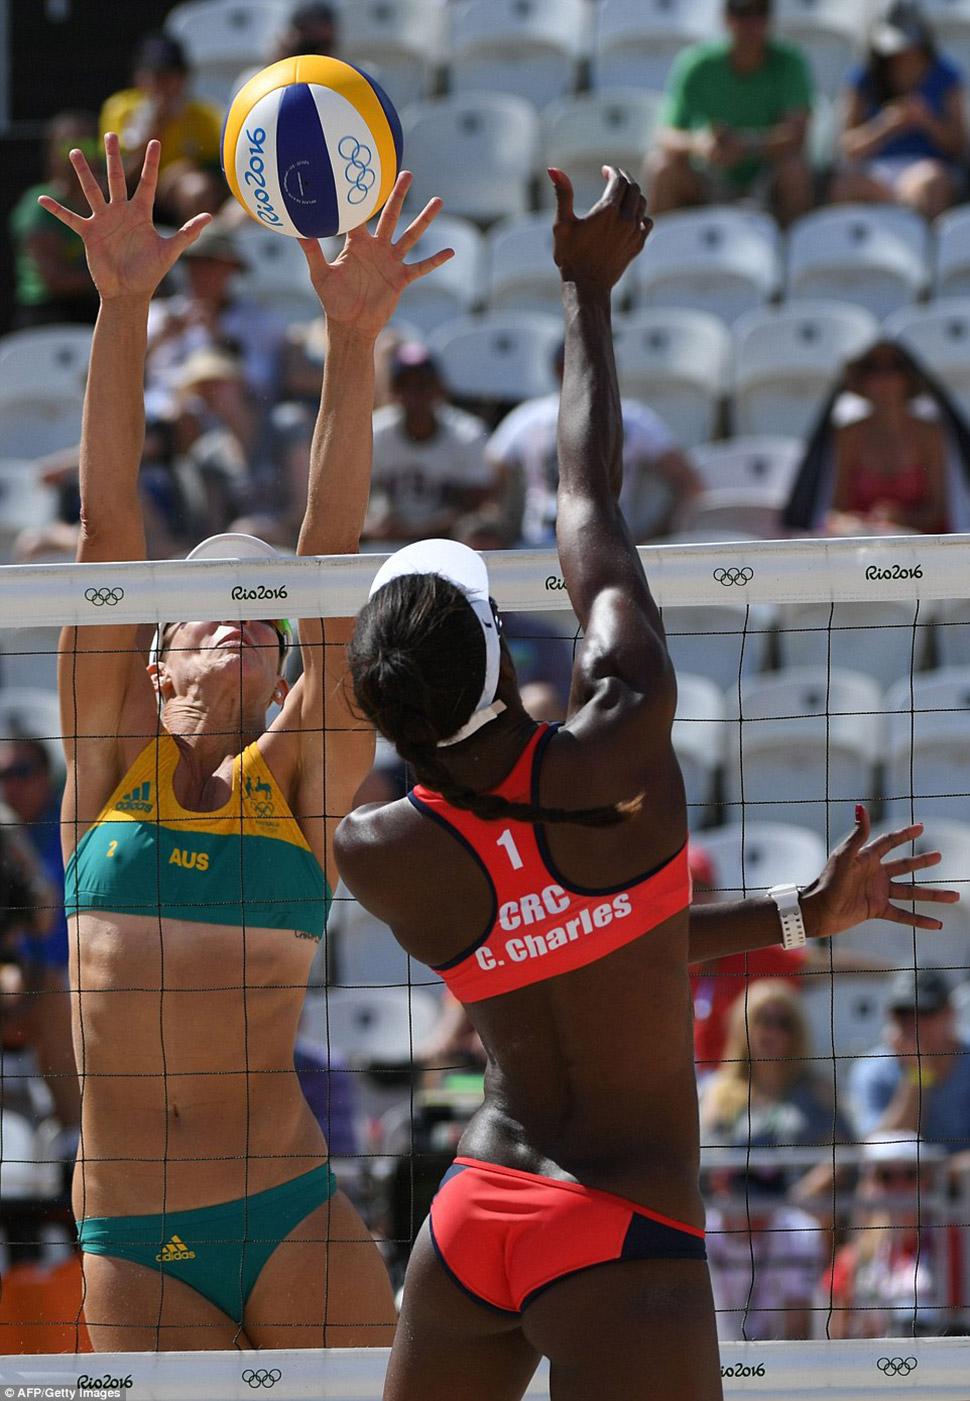 Луиза Боуден из австралийской команды блокирует мяч у сетки в игре против Коста-Рики.